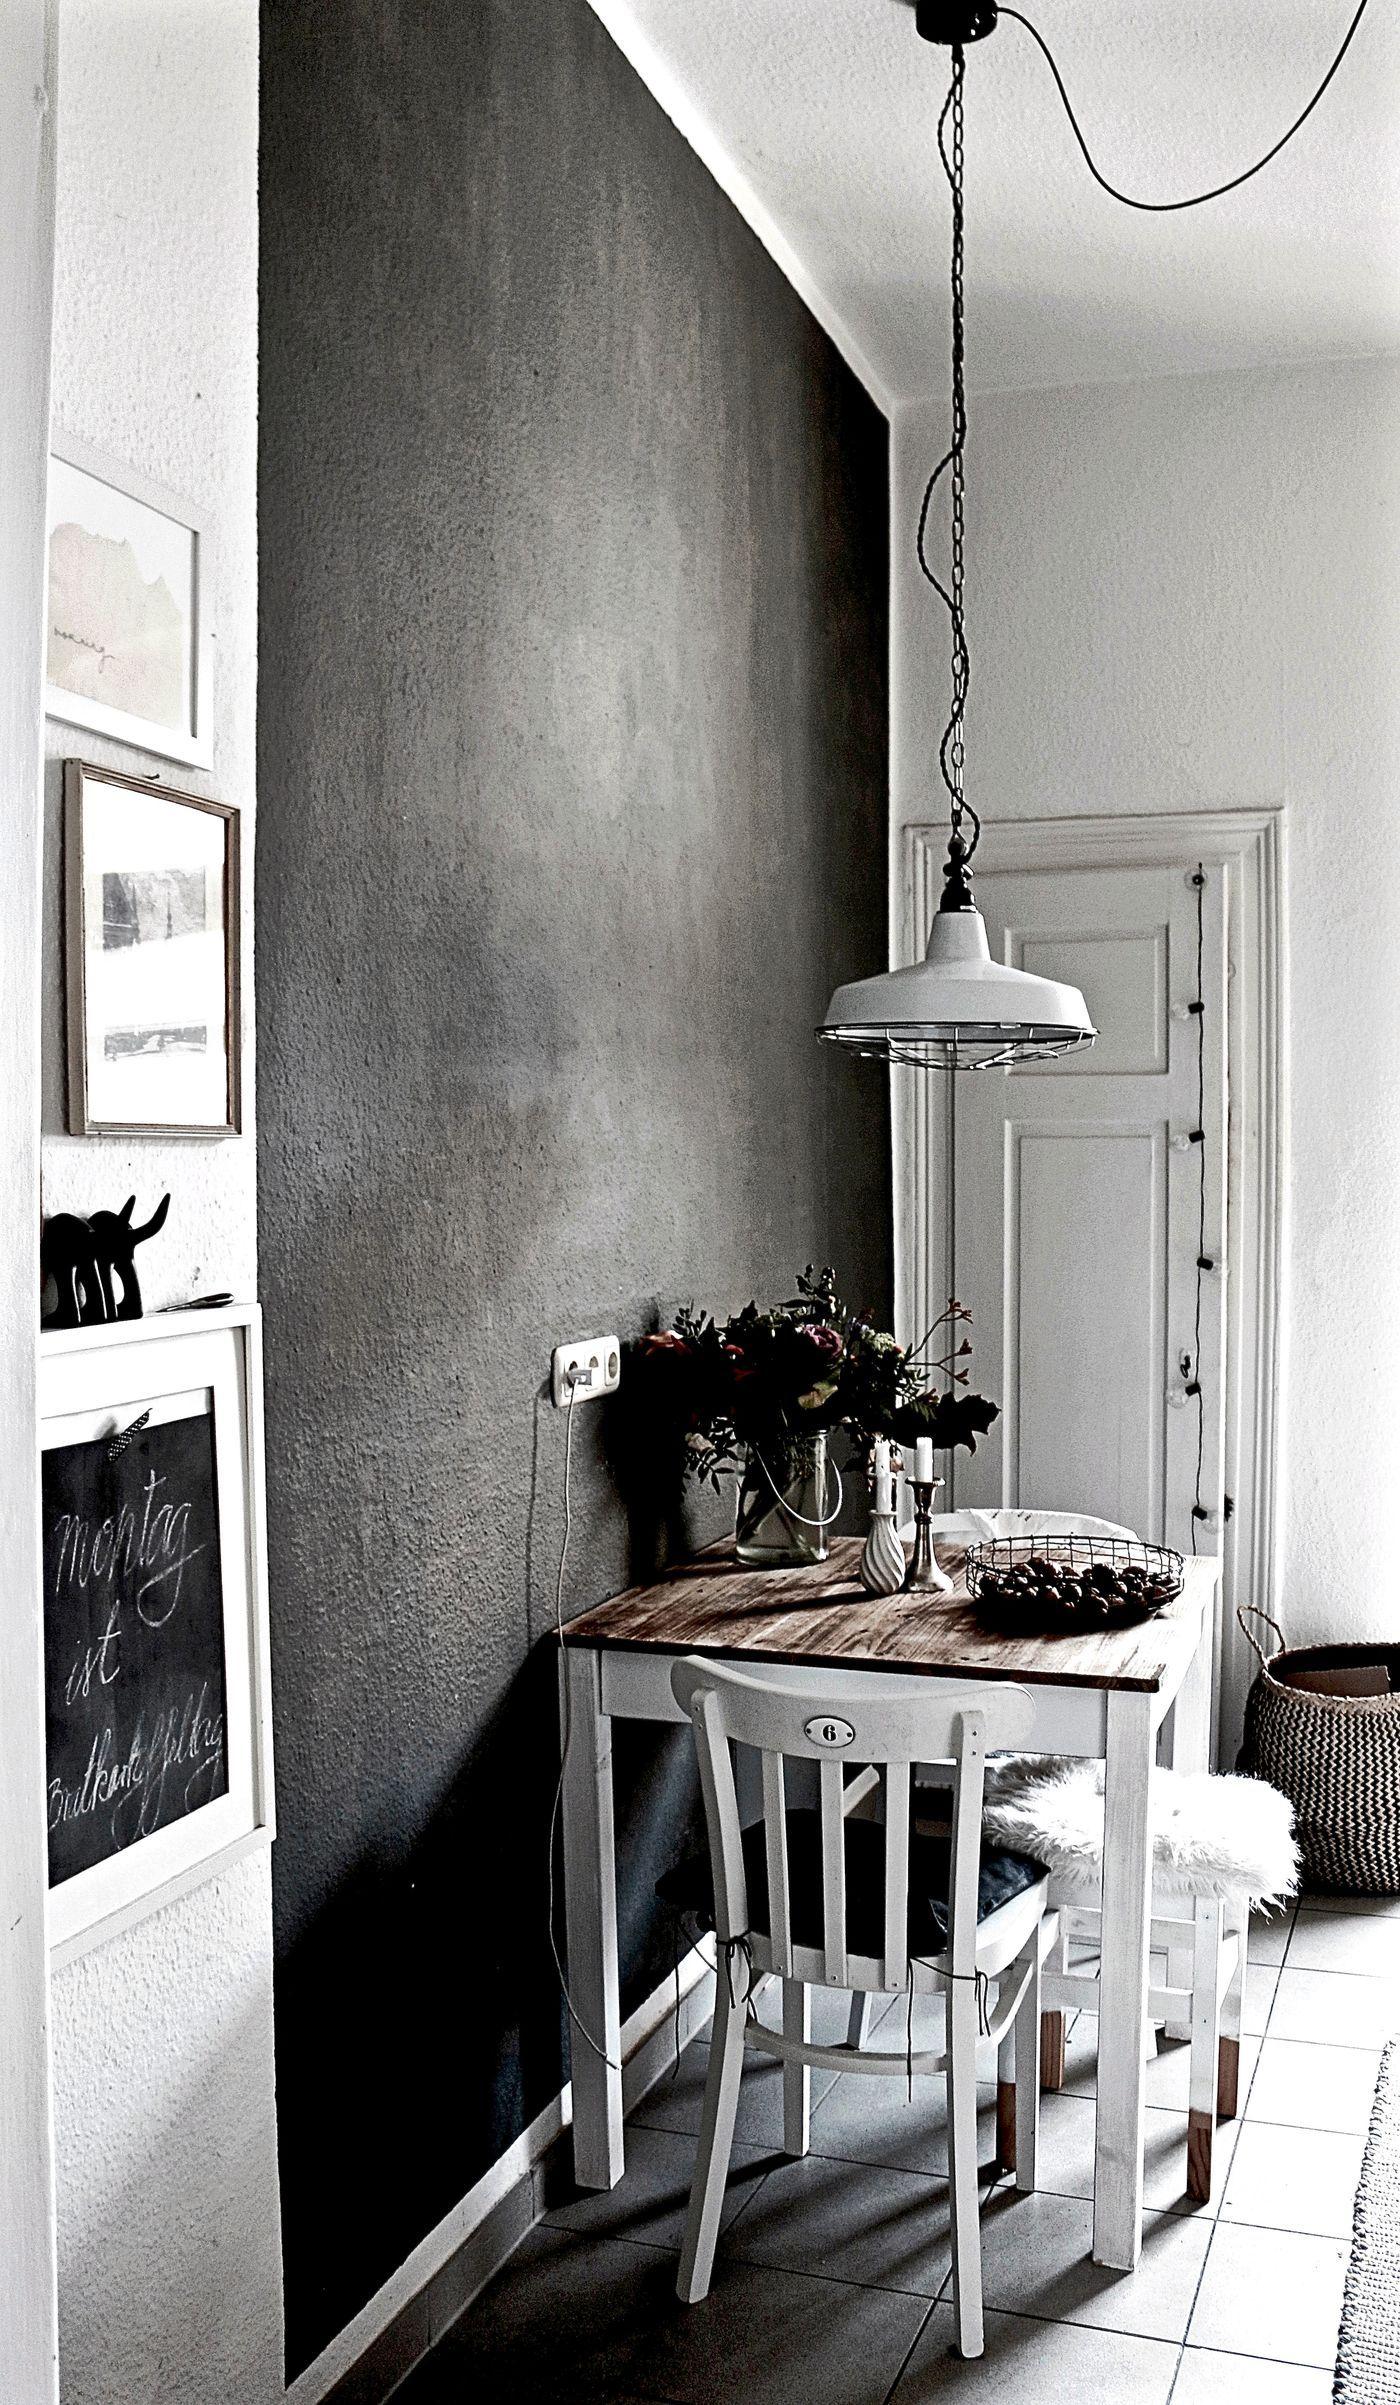 Küchenstühle - schöne Bilder und tolle Ideen!